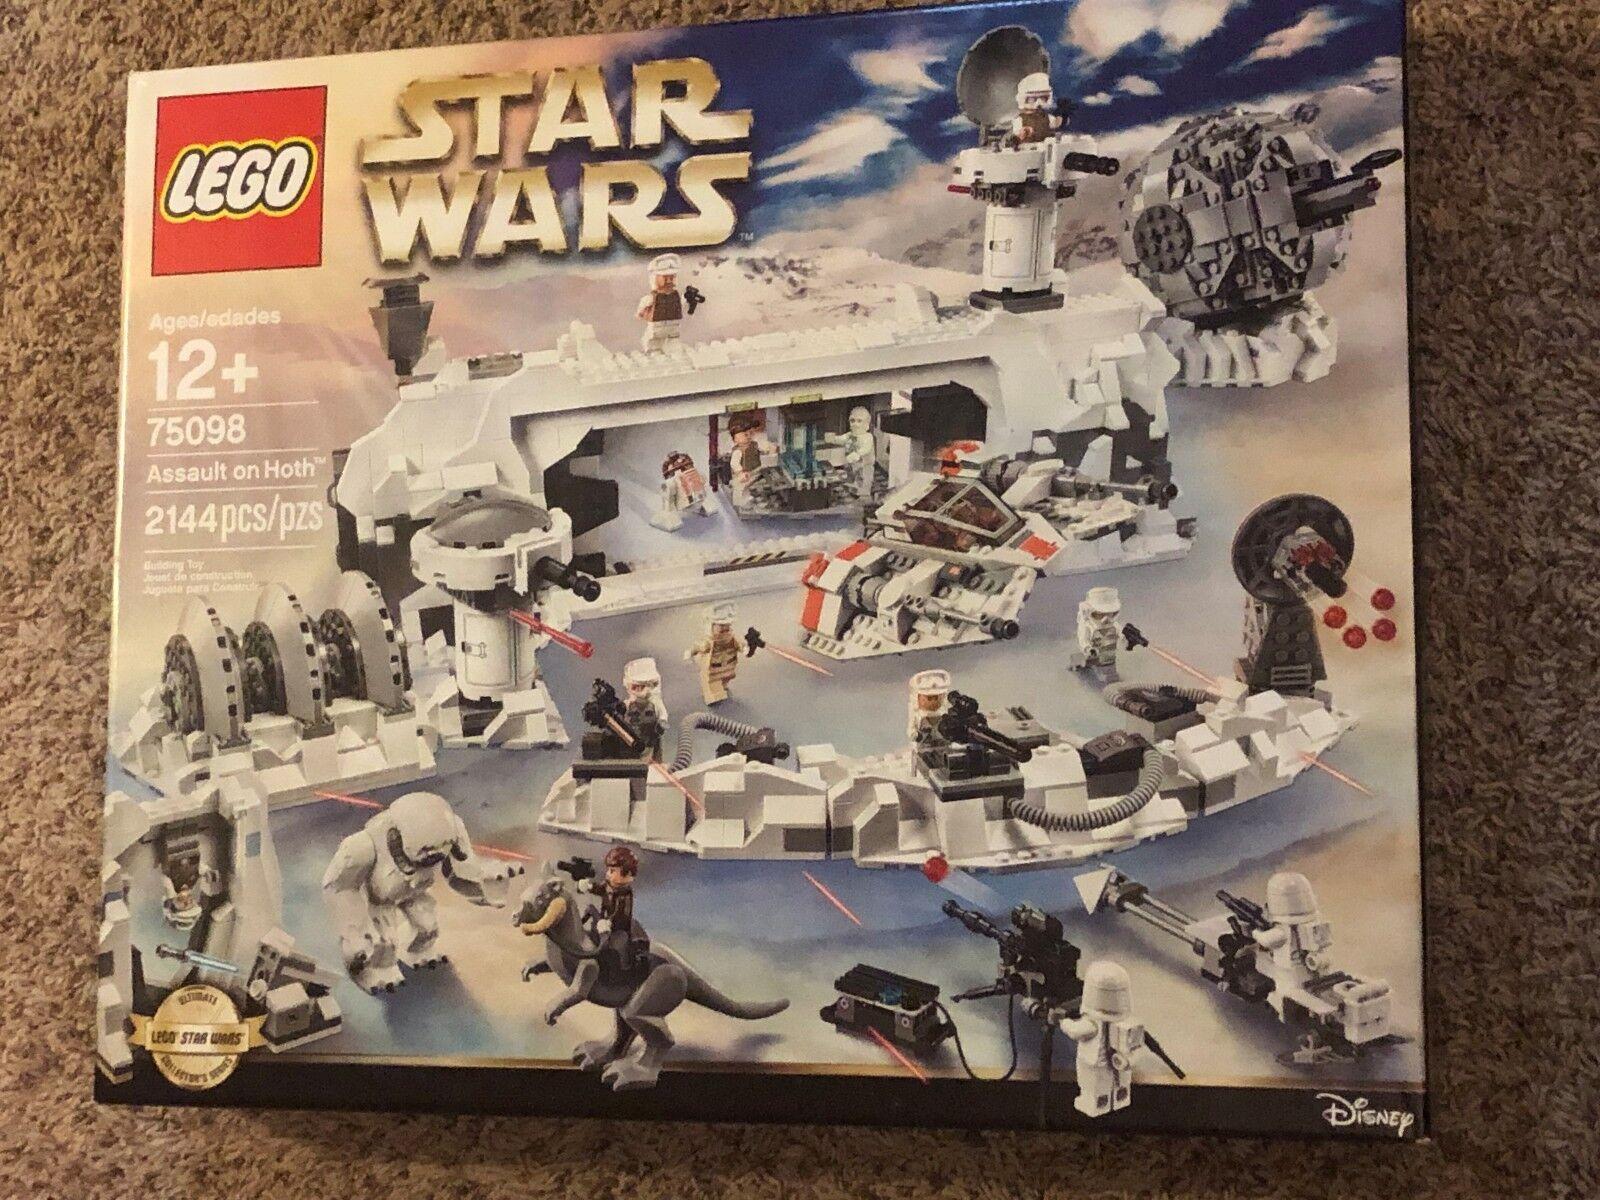 Stjärnornas krig LEGO 75098 ASAULT PÅ varmH NYA SEALERADE MYCKET RYCKLIGA FIGURER